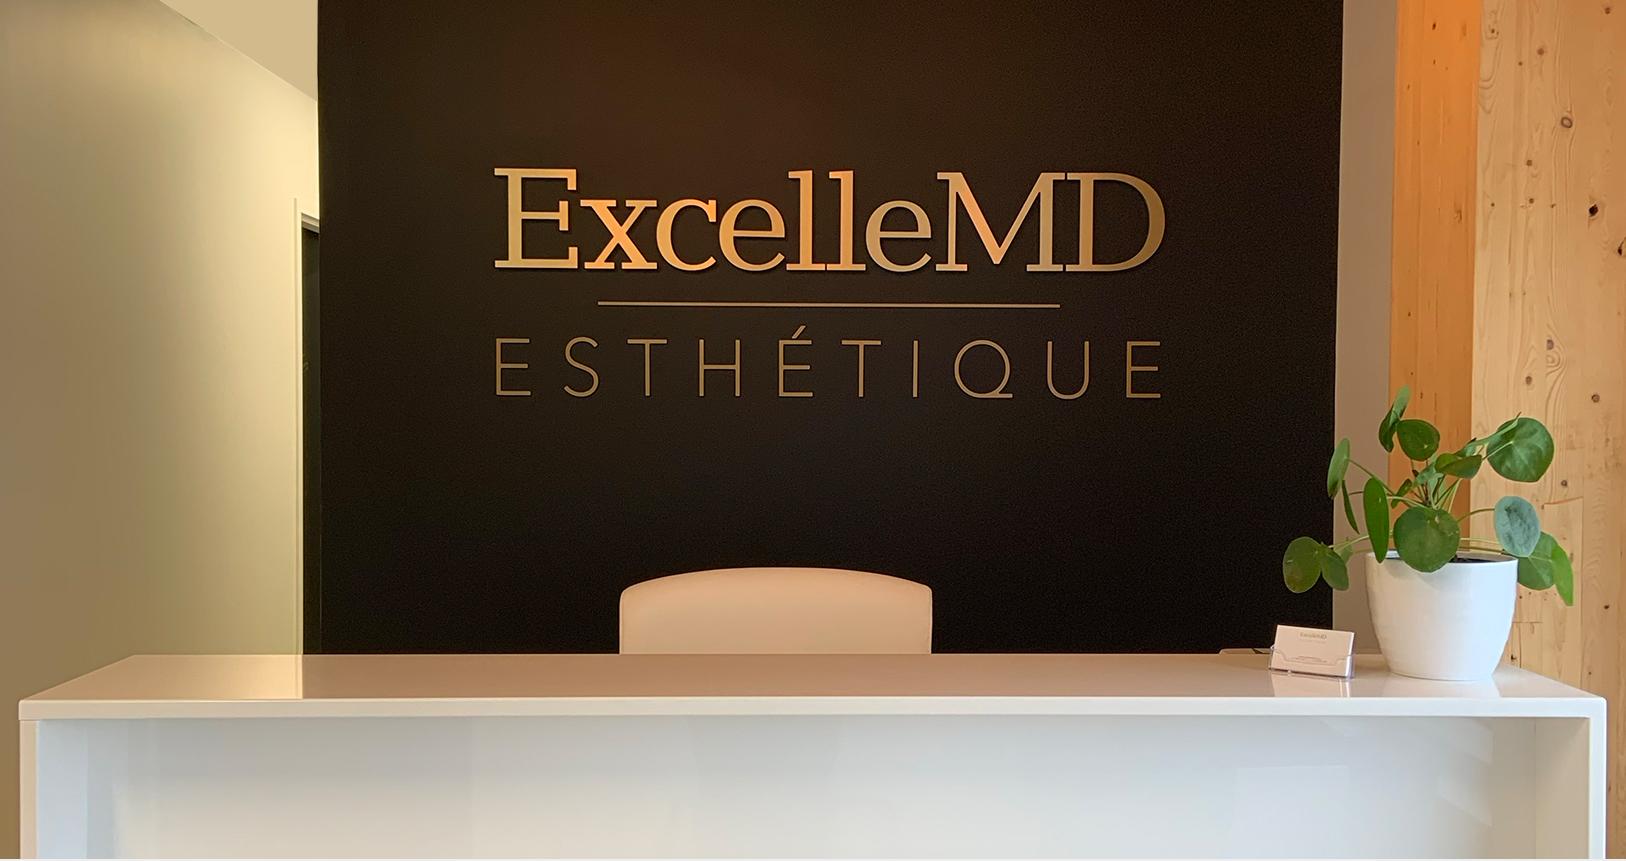 ExcelleMD Esthétique Clinique d'esthétique